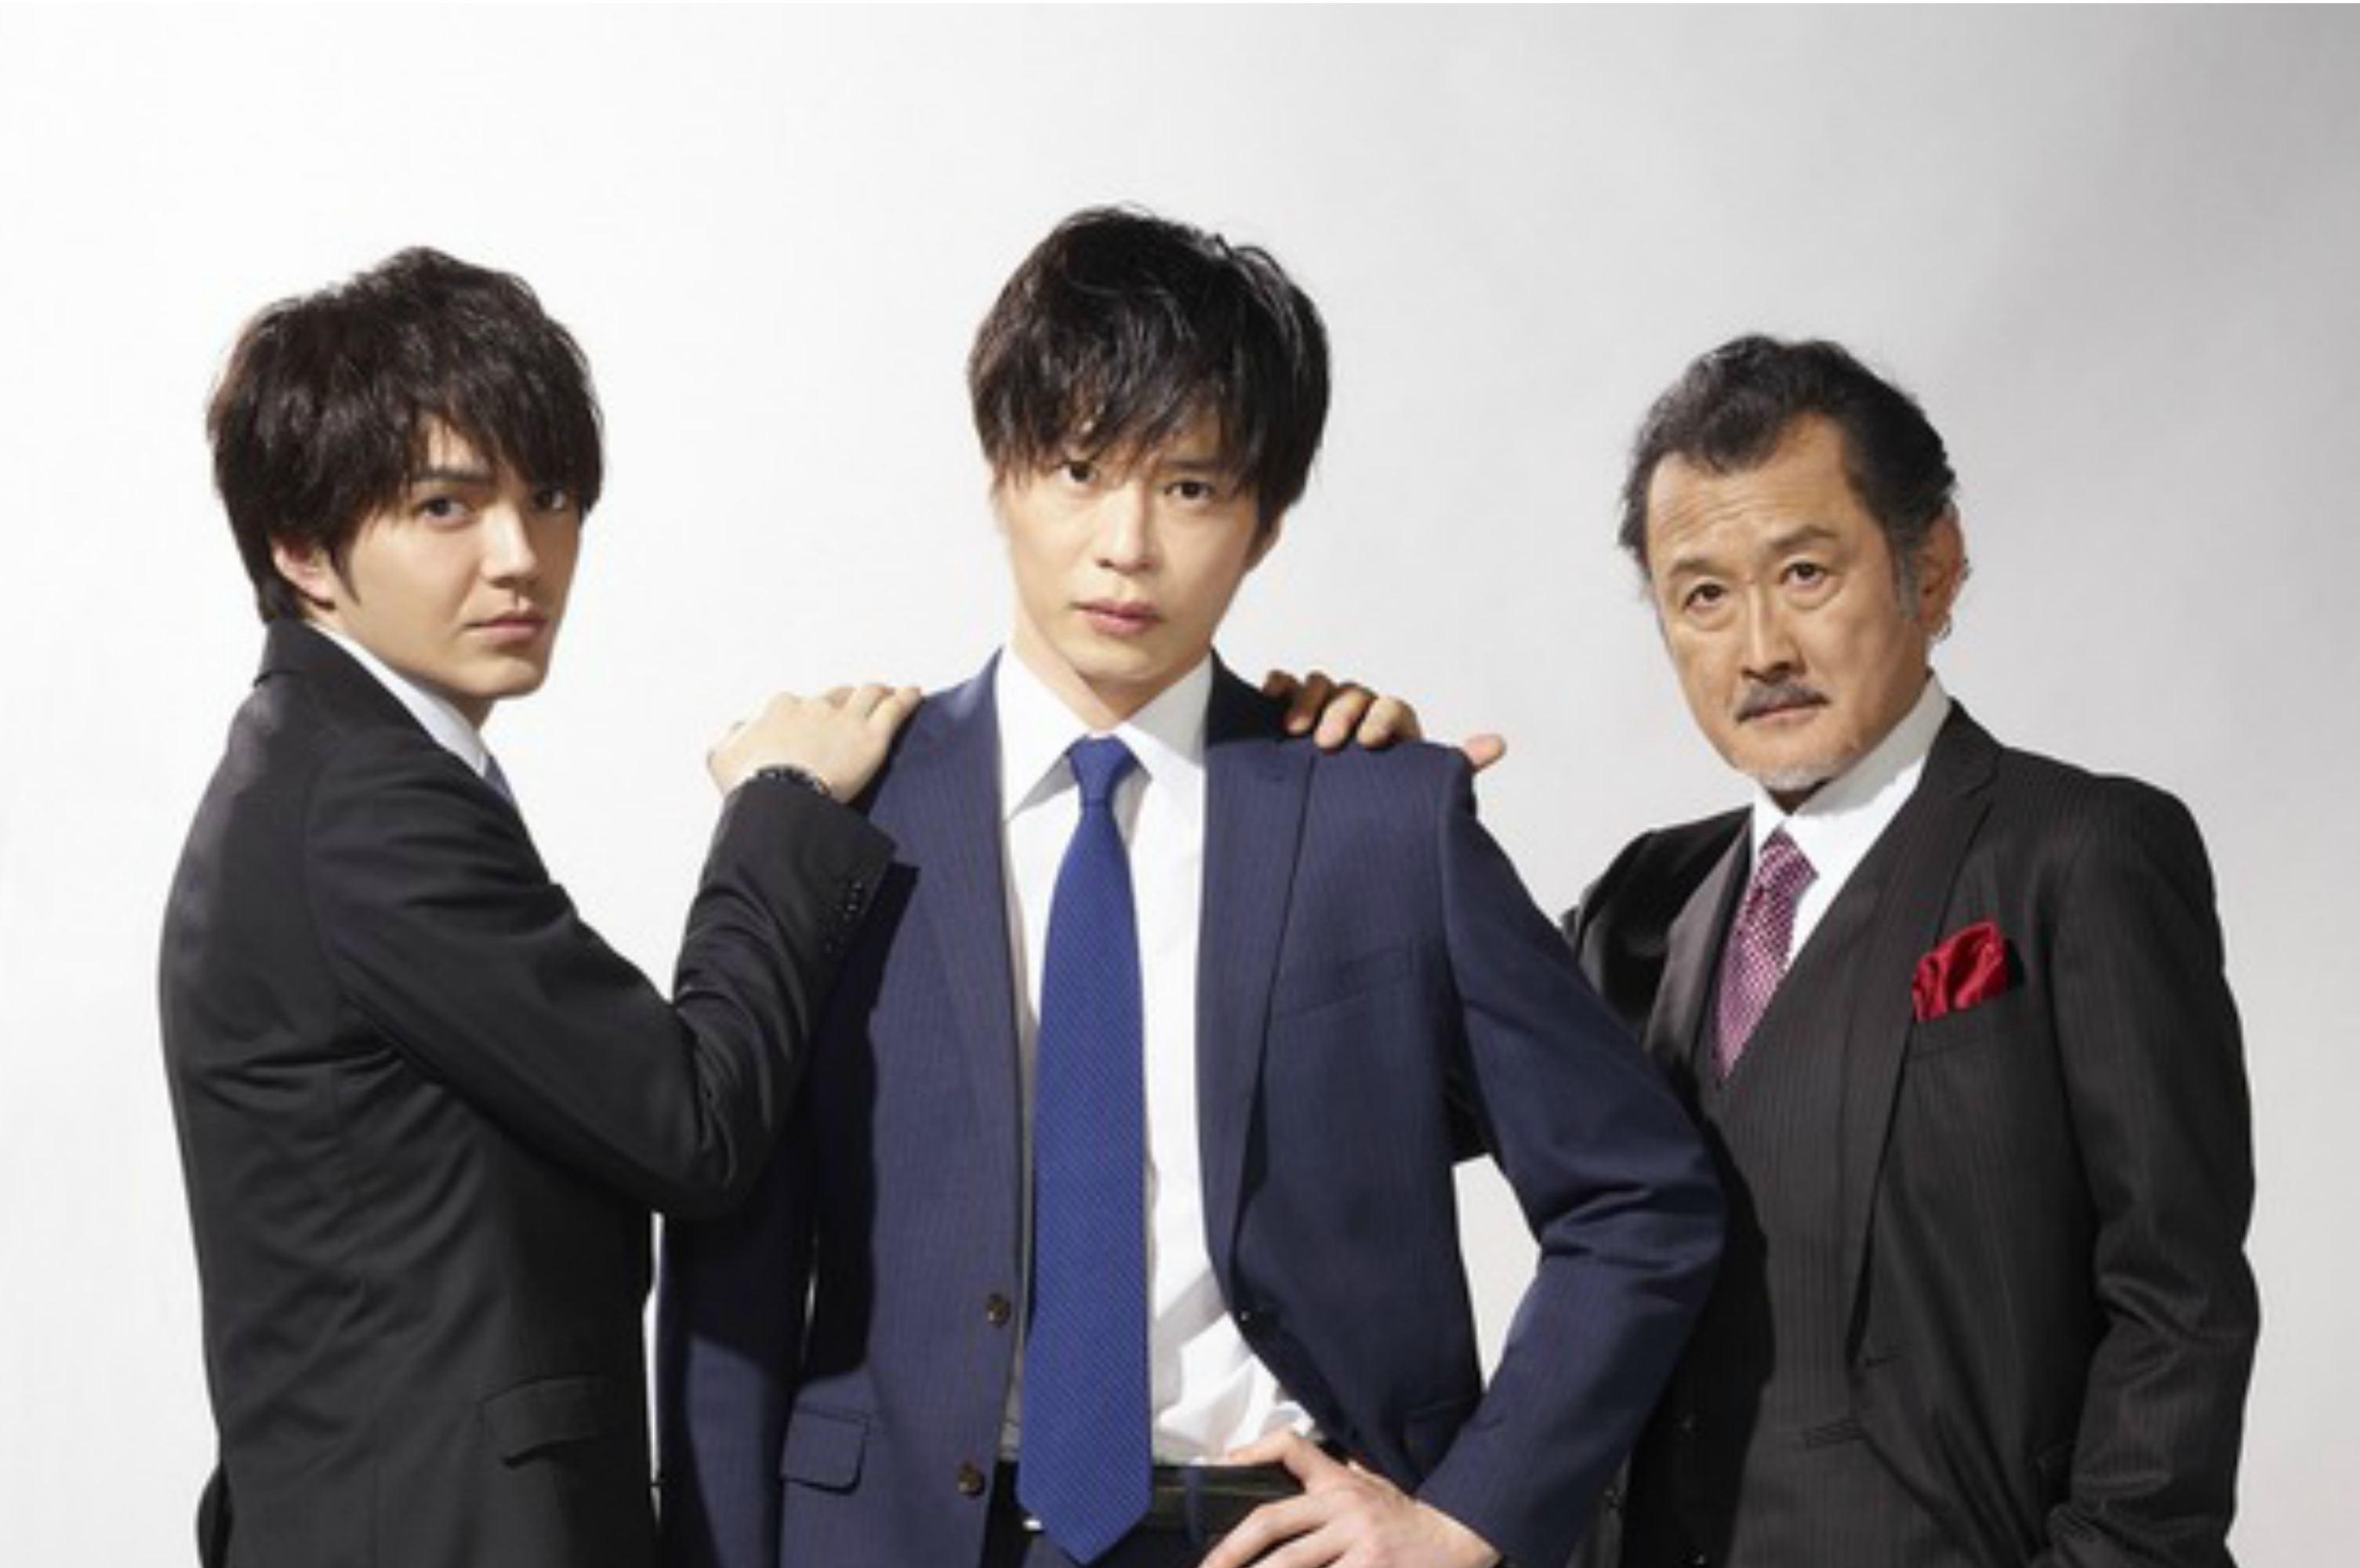 《大叔的愛》由田中圭(中)、吉田鋼太郎(右)及林遣都(左)主演